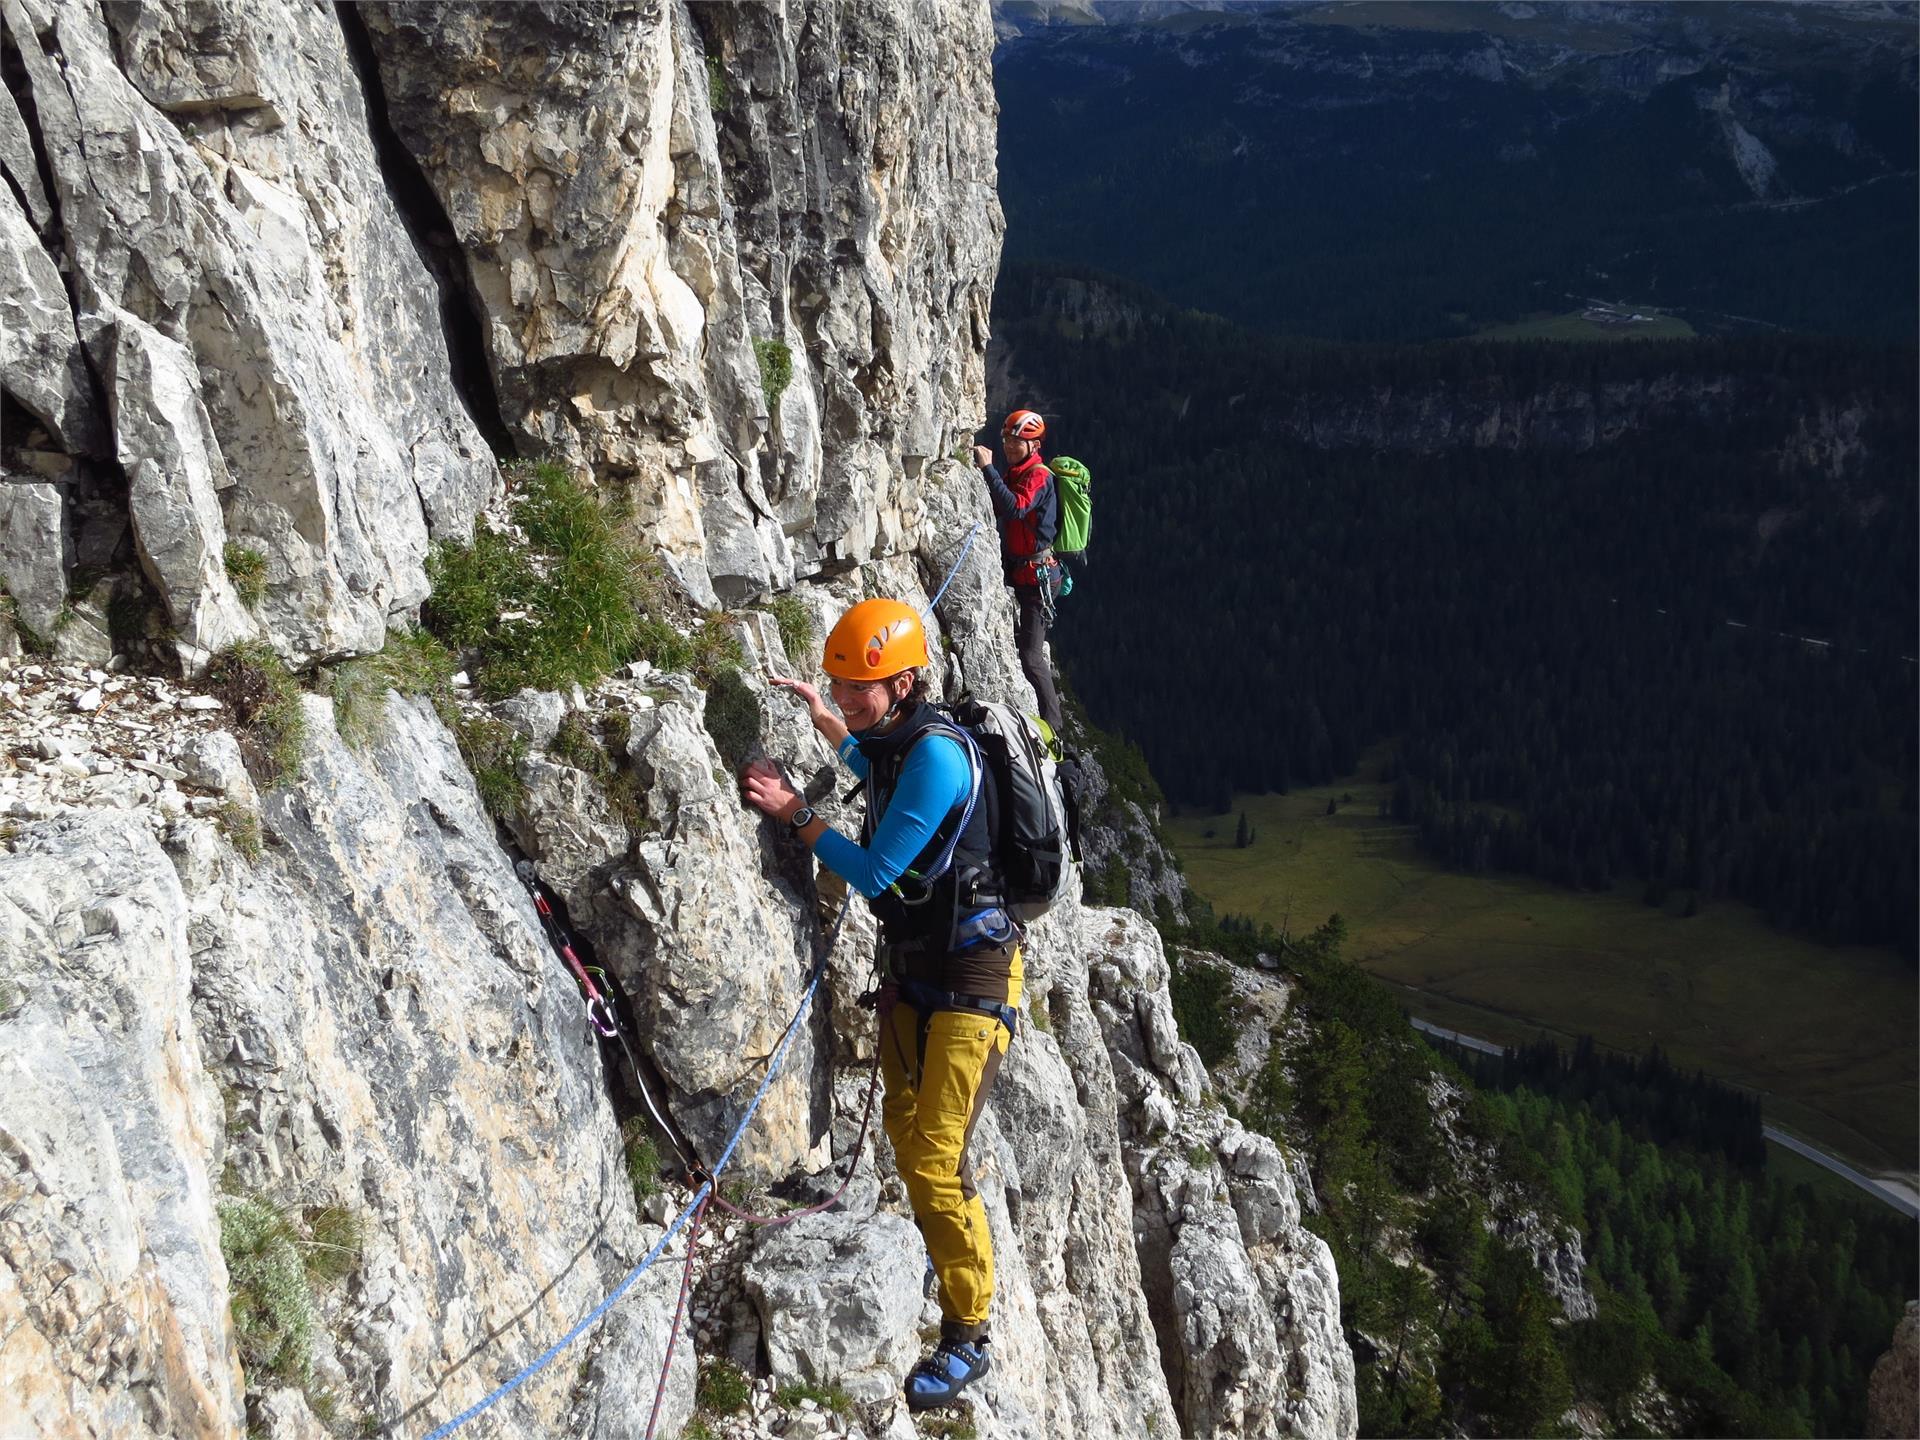 Sommer Klettern